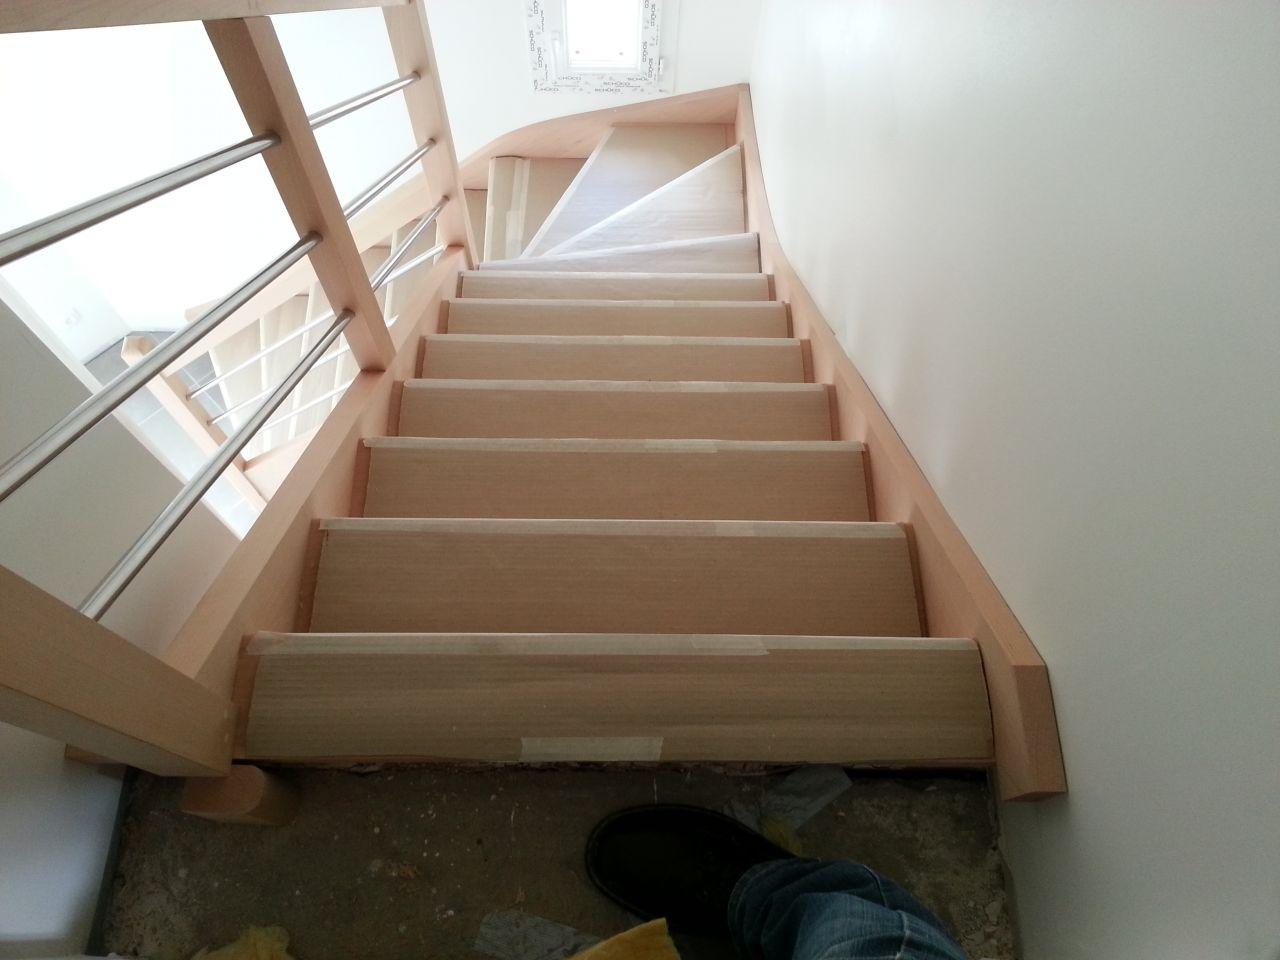 avis escalier trop raide 41 messages page 2. Black Bedroom Furniture Sets. Home Design Ideas